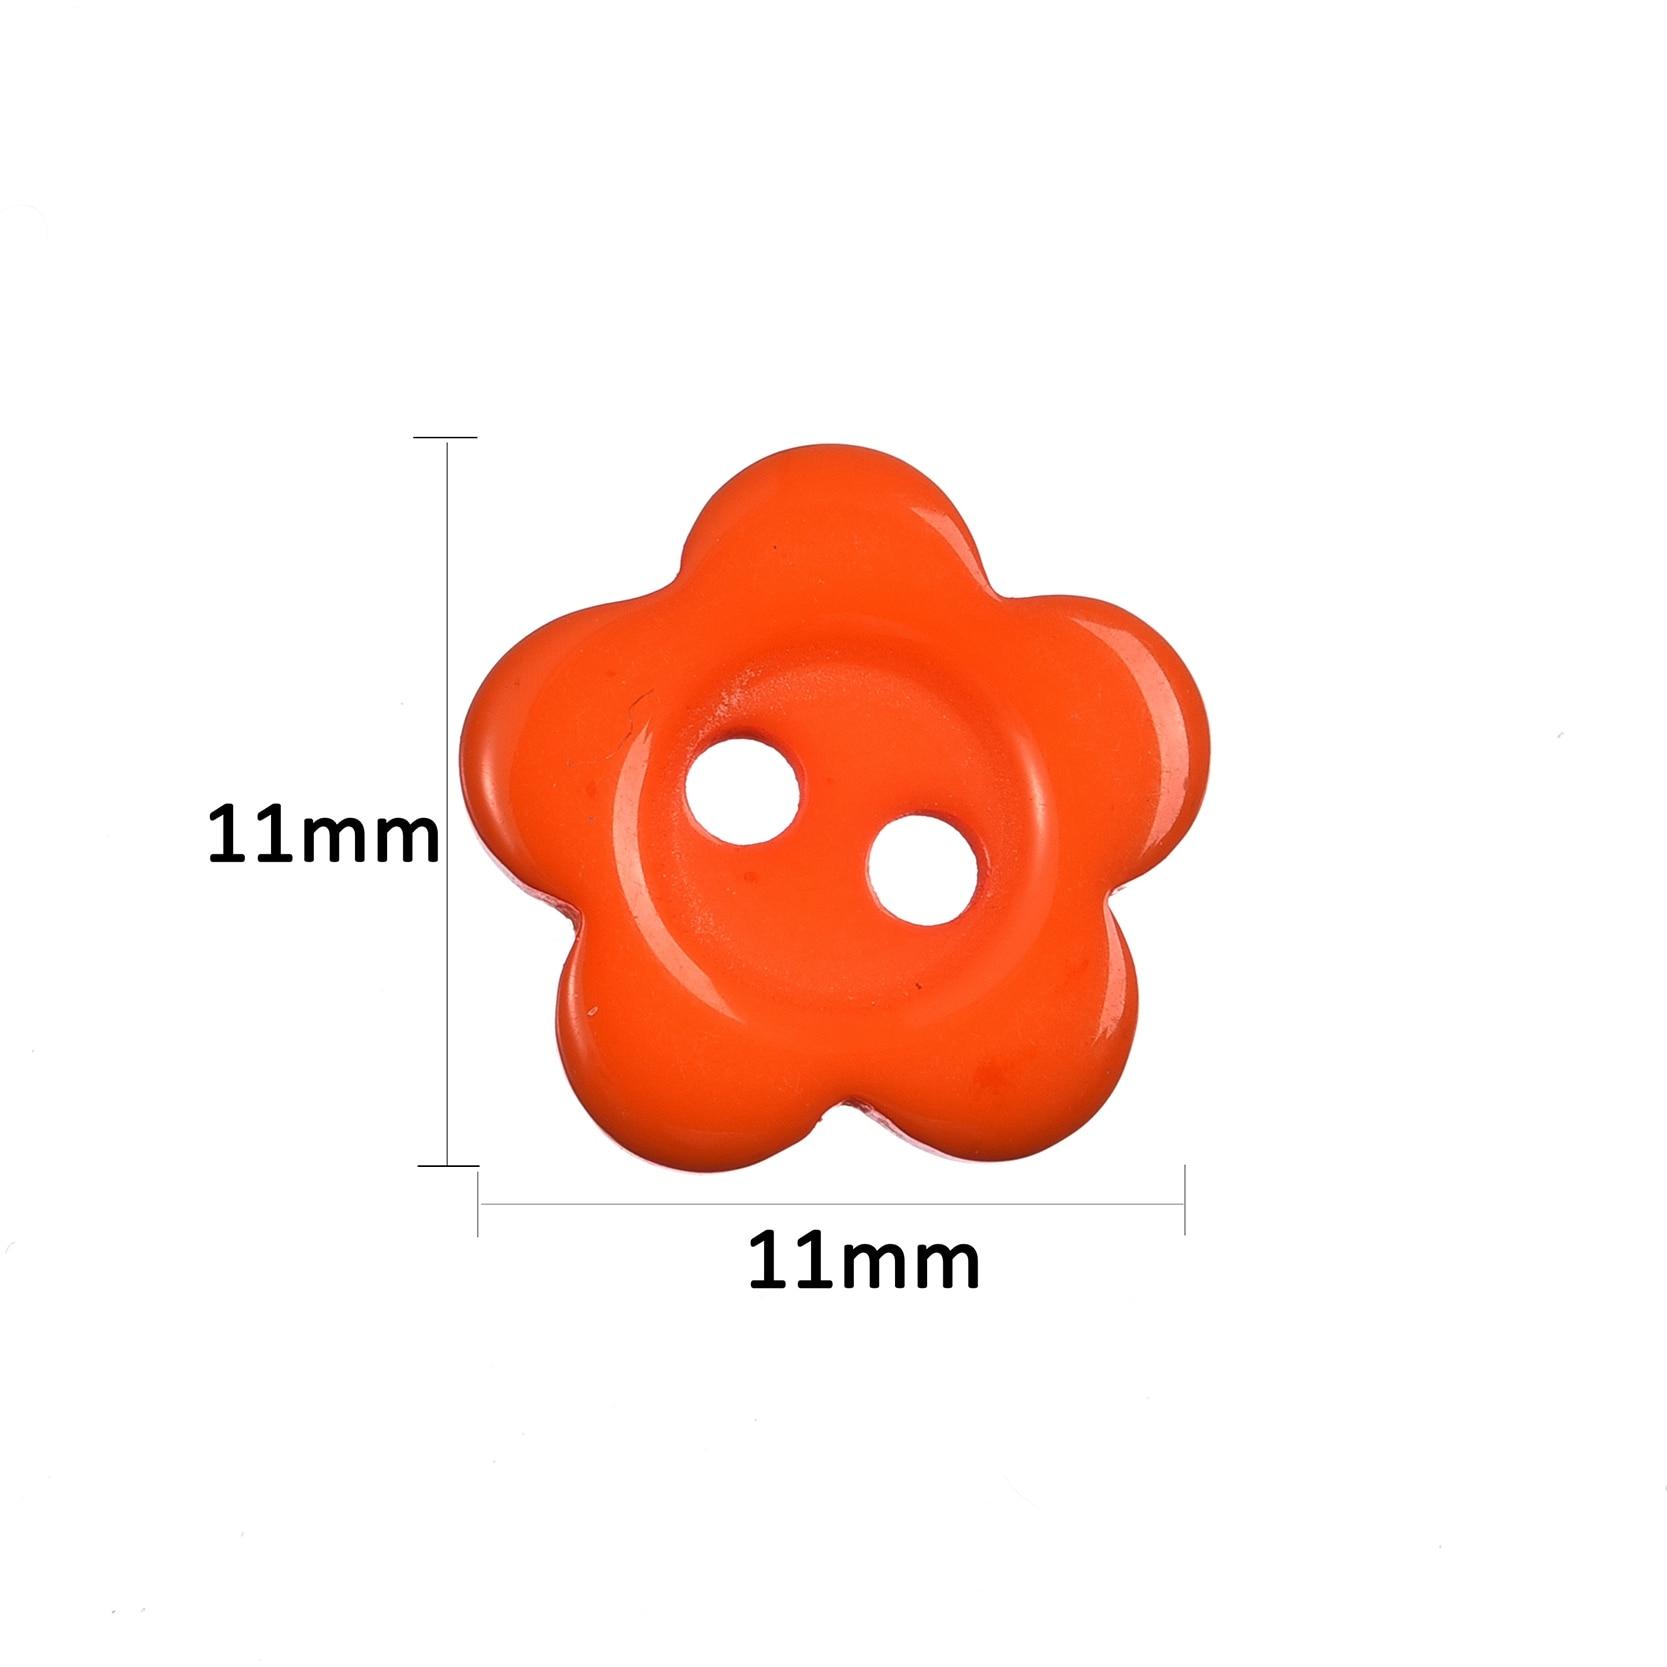 300 шт./лот 11x11 мм 2 отверстия смешанный резиновый цветок Вышивание кнопки аксессуары для Скрапбукинга Knopf Одежда DIY украшения дома